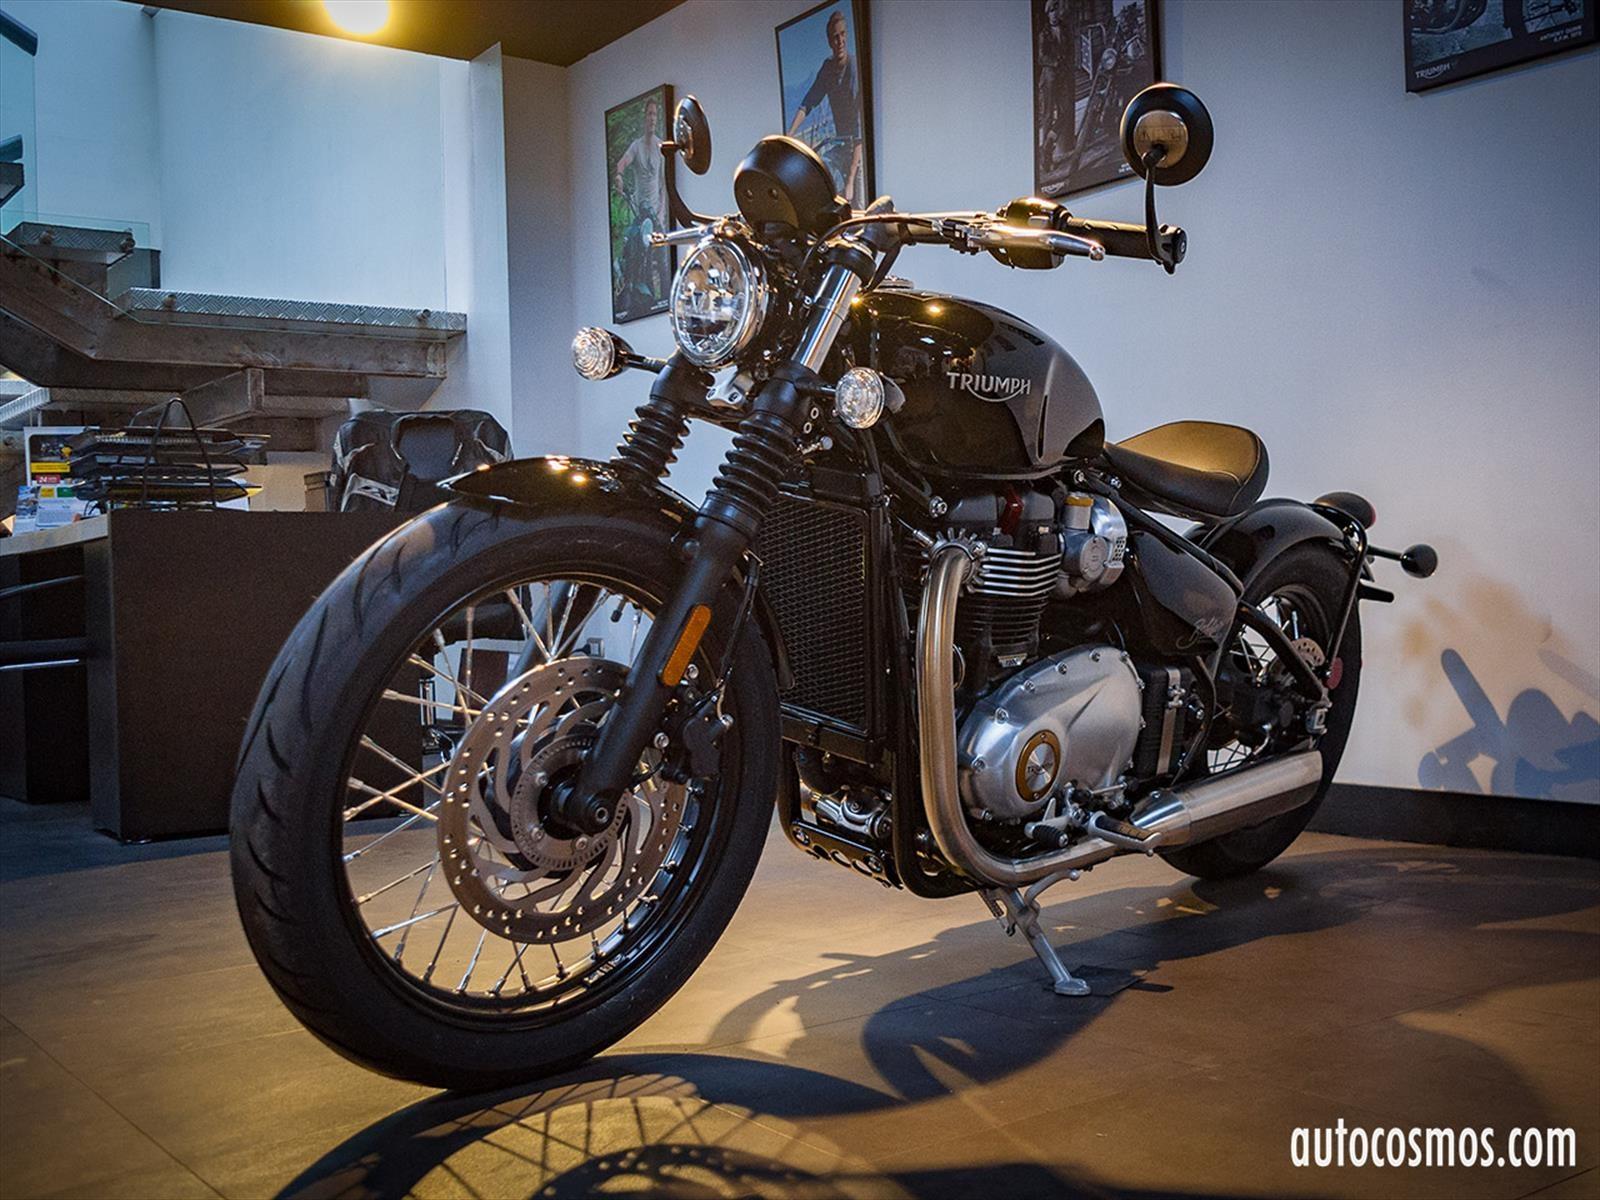 Triumph lanza en Chile trilogía de motocicletas clásicas